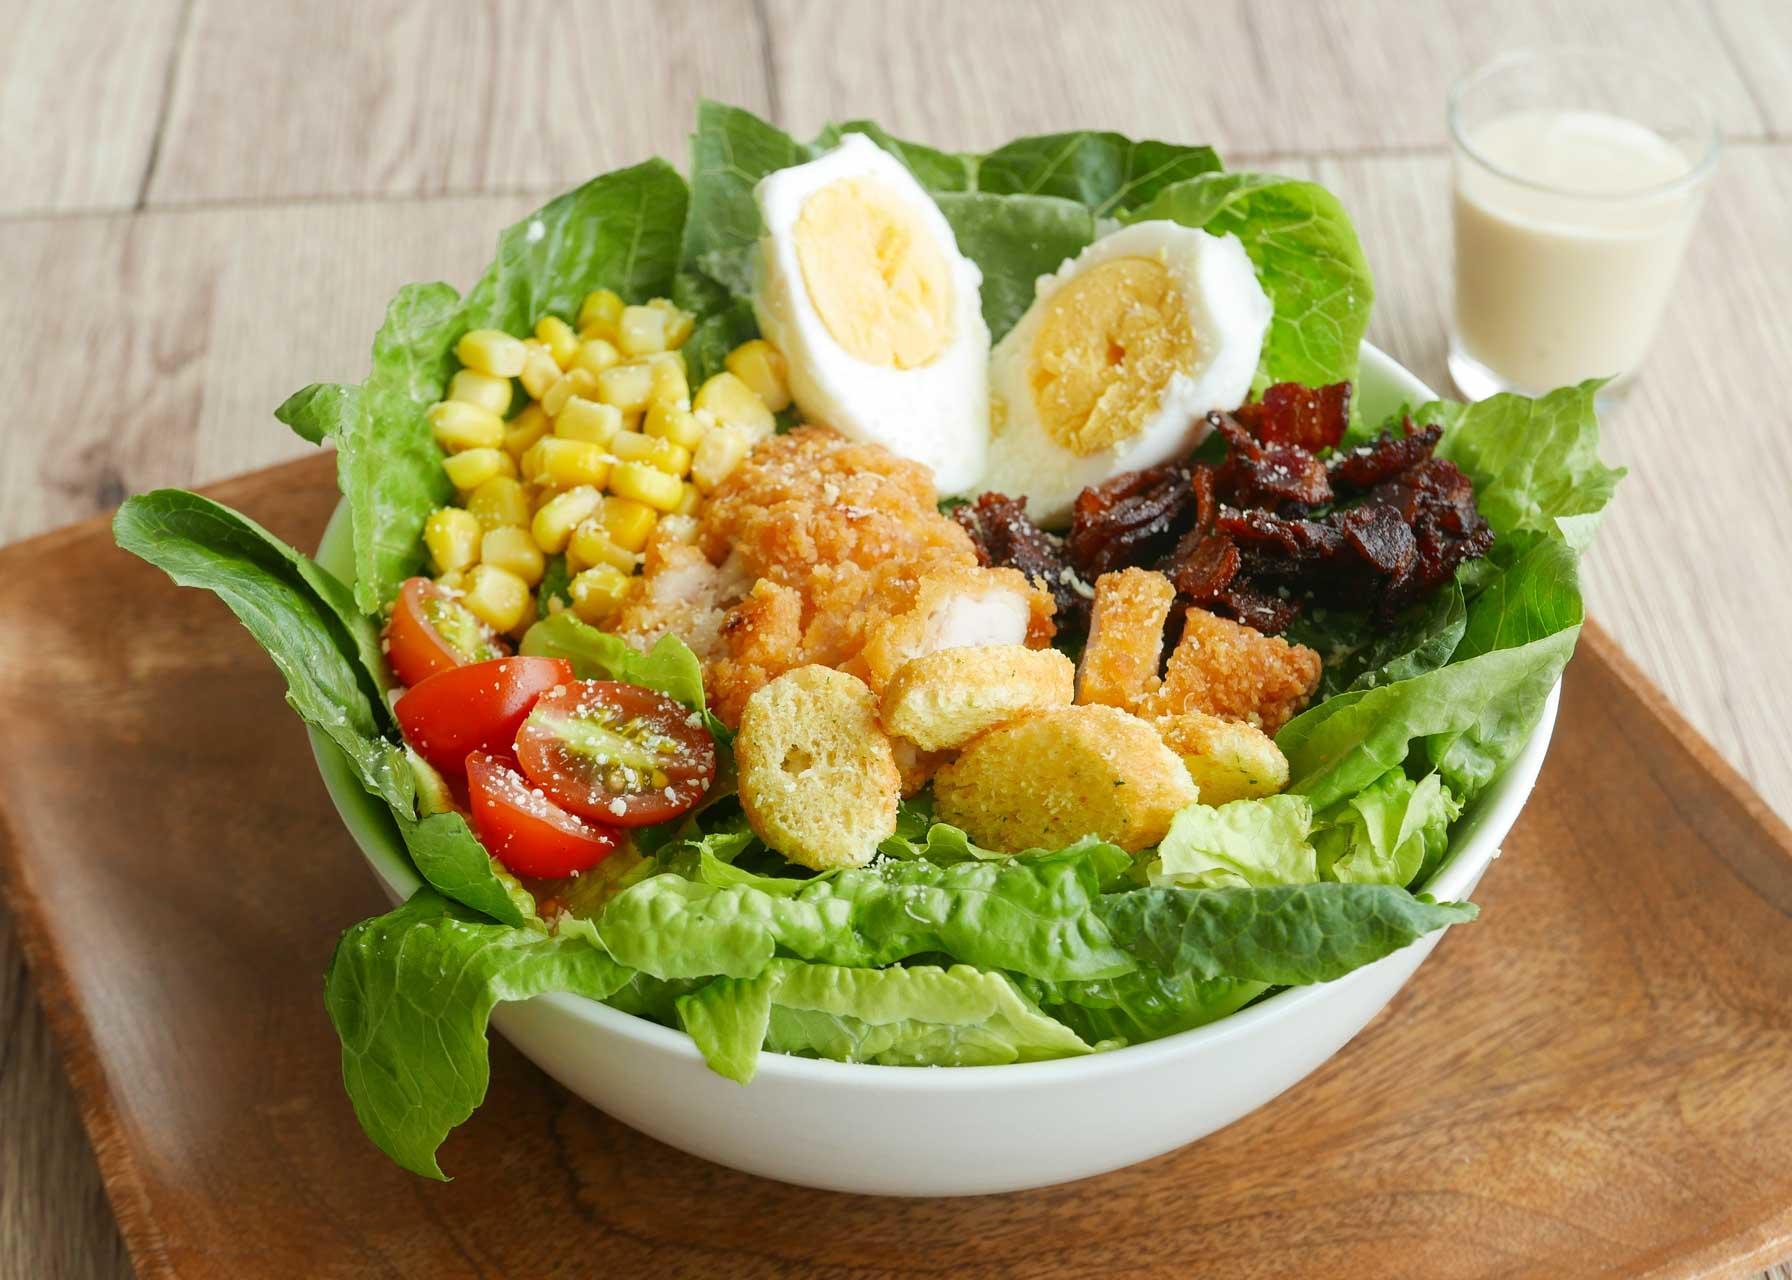 Cowboy Crispy Chicken Salad